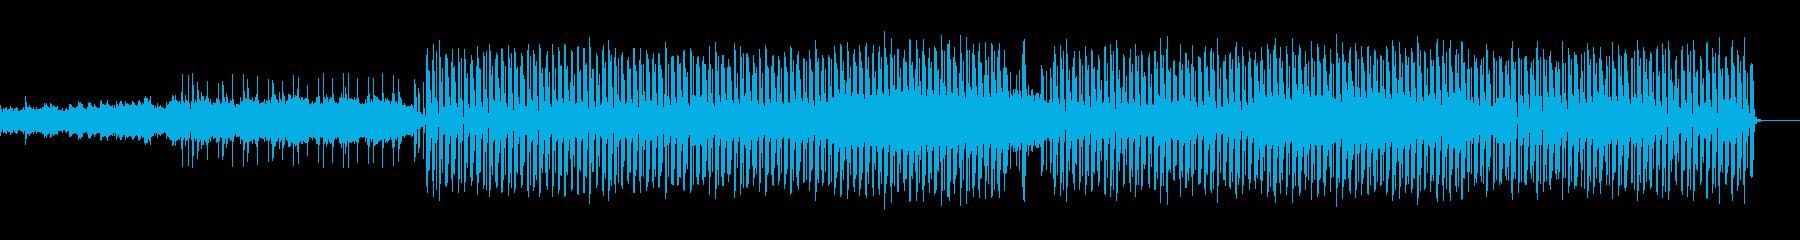 幻想的なピアノとシンセサウンドの再生済みの波形